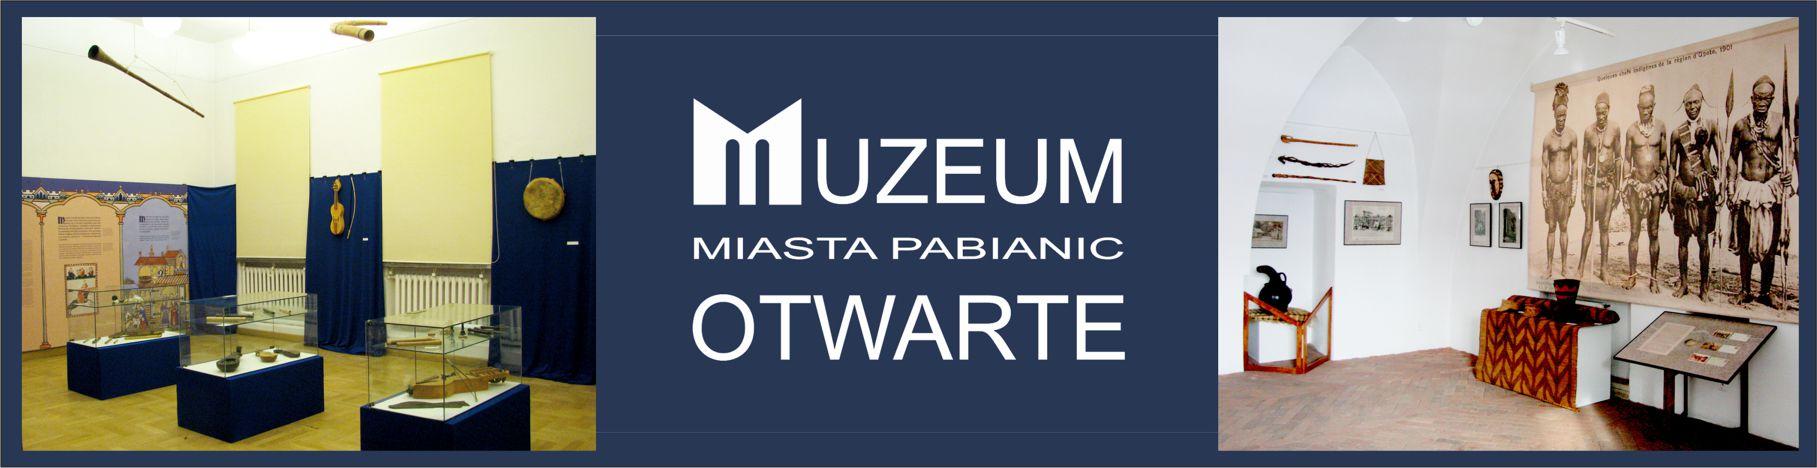 grafika składająca się z 3 zdjęć, od lewej zdjęcie z wystawy czasowej Dźwięki przeszłości..., grafika Muzeum Miasta Pabianic otwarte, zdjęcie z wystawy Afryka na kartkach pocztowych...